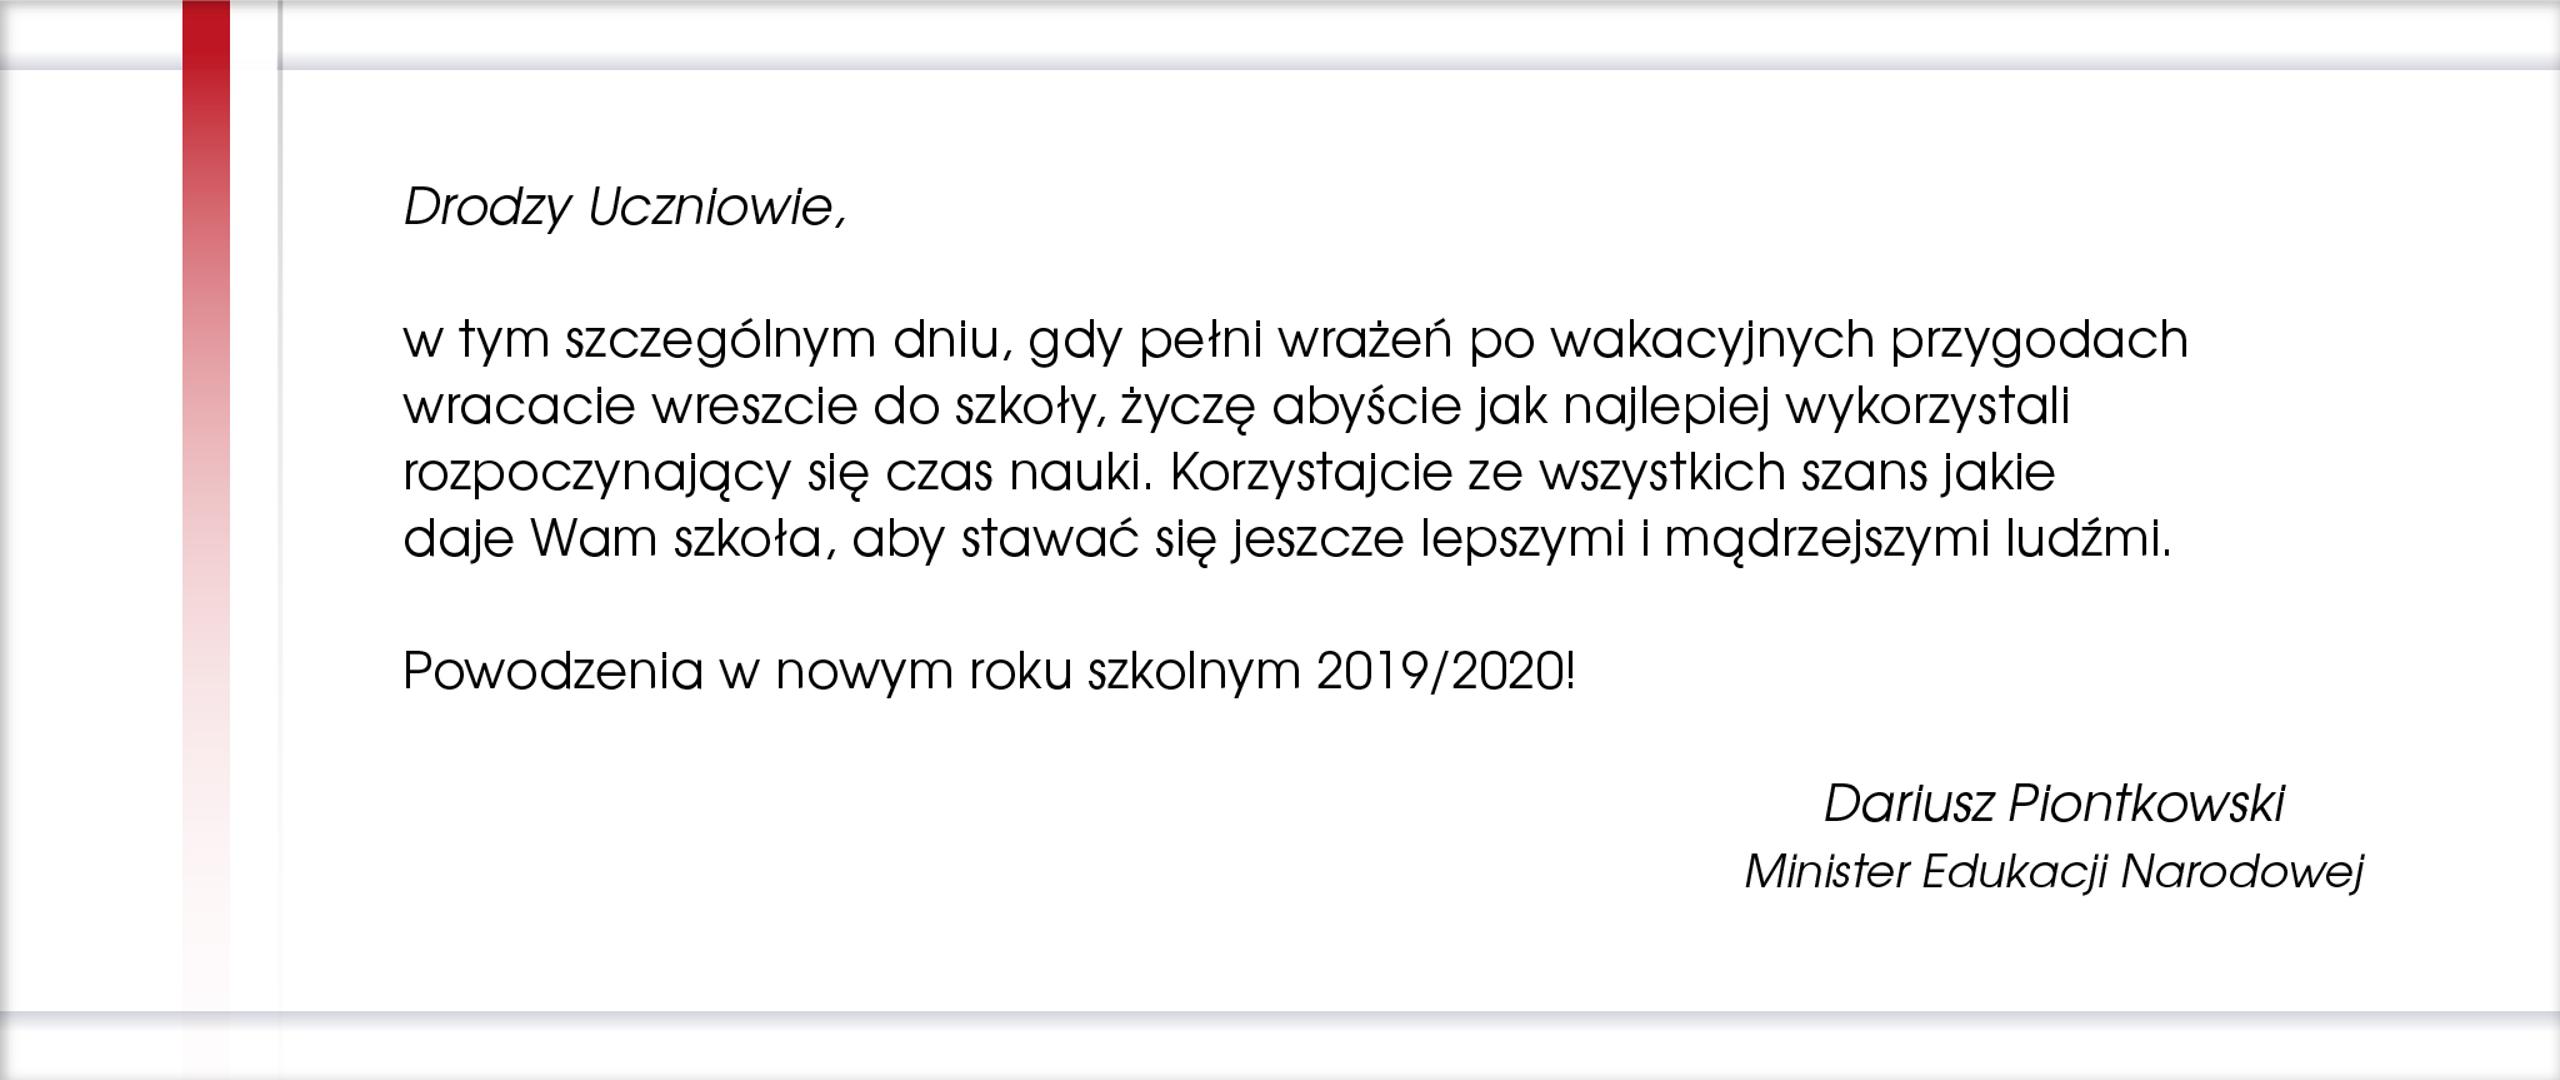 Życzenia Ministra Edukacji Narodowej na rozpoczynający się rok szkolny 2019/2020